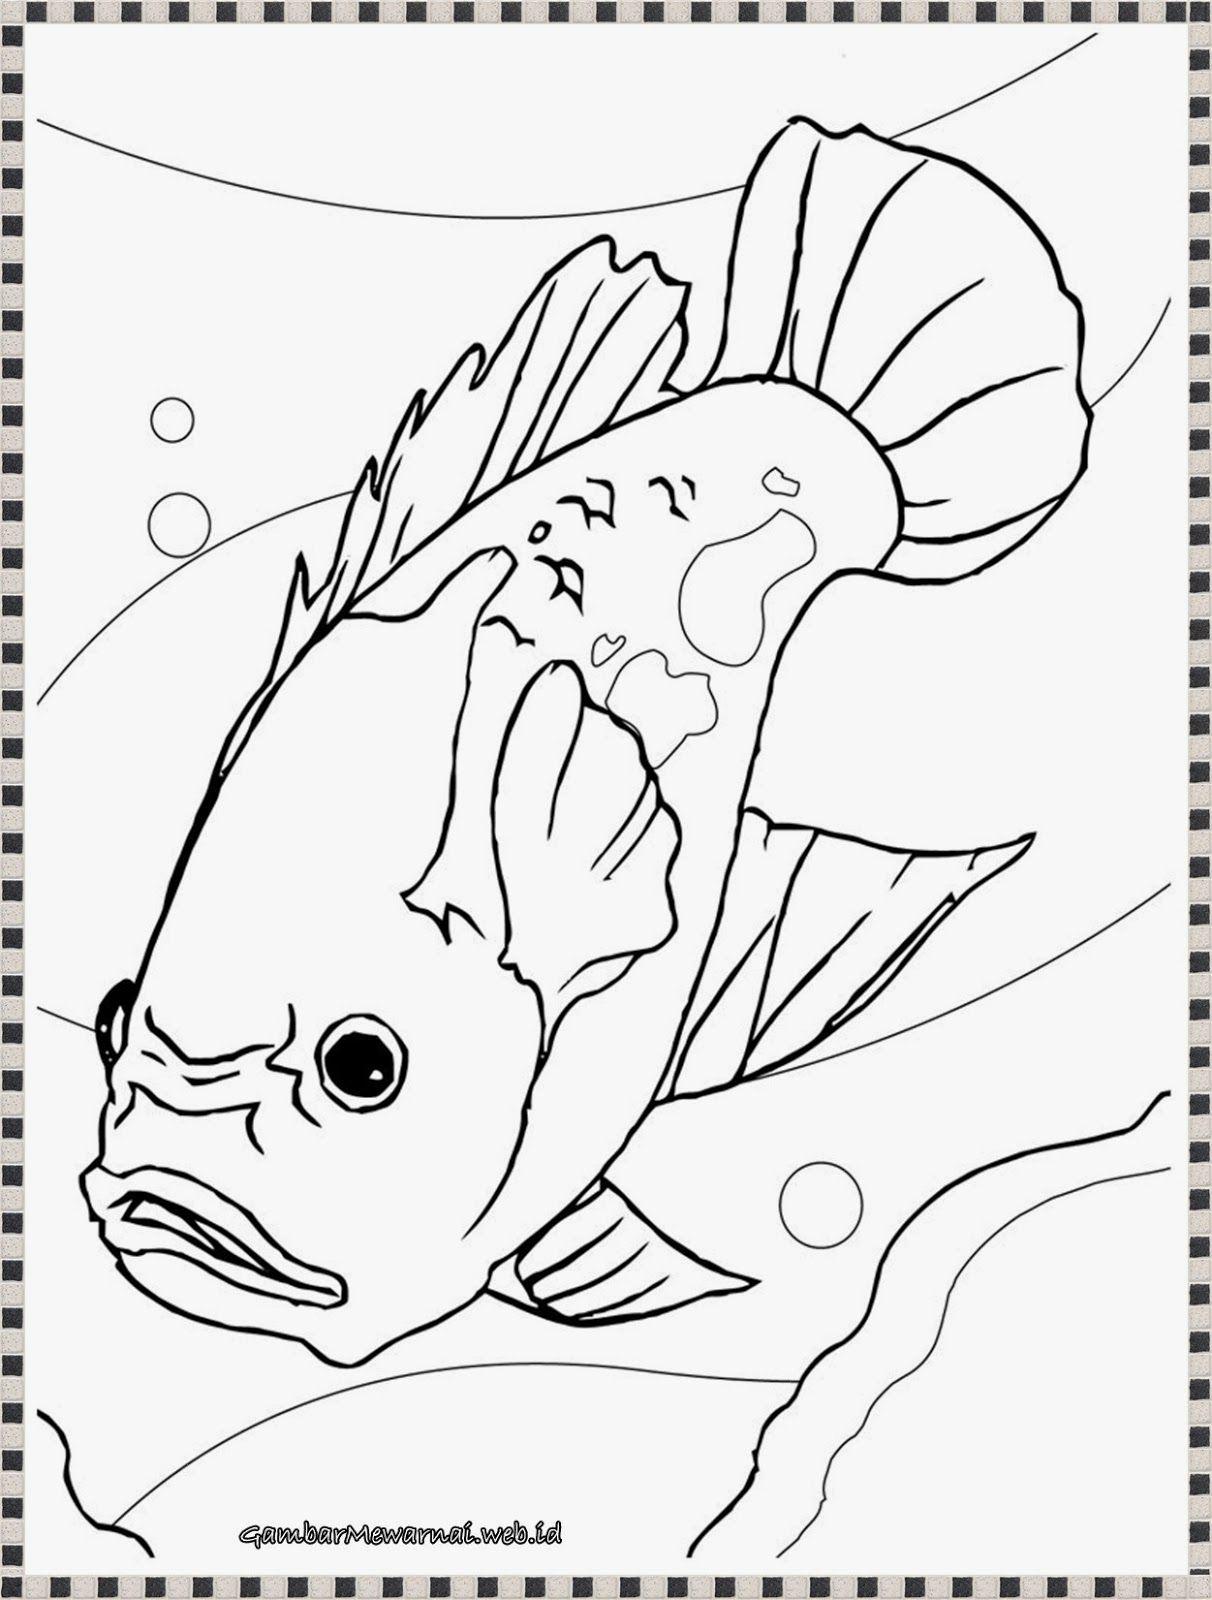 Gambar Mewarnai Ikan Oscar Di Akuarium Gambar Ikan Warna